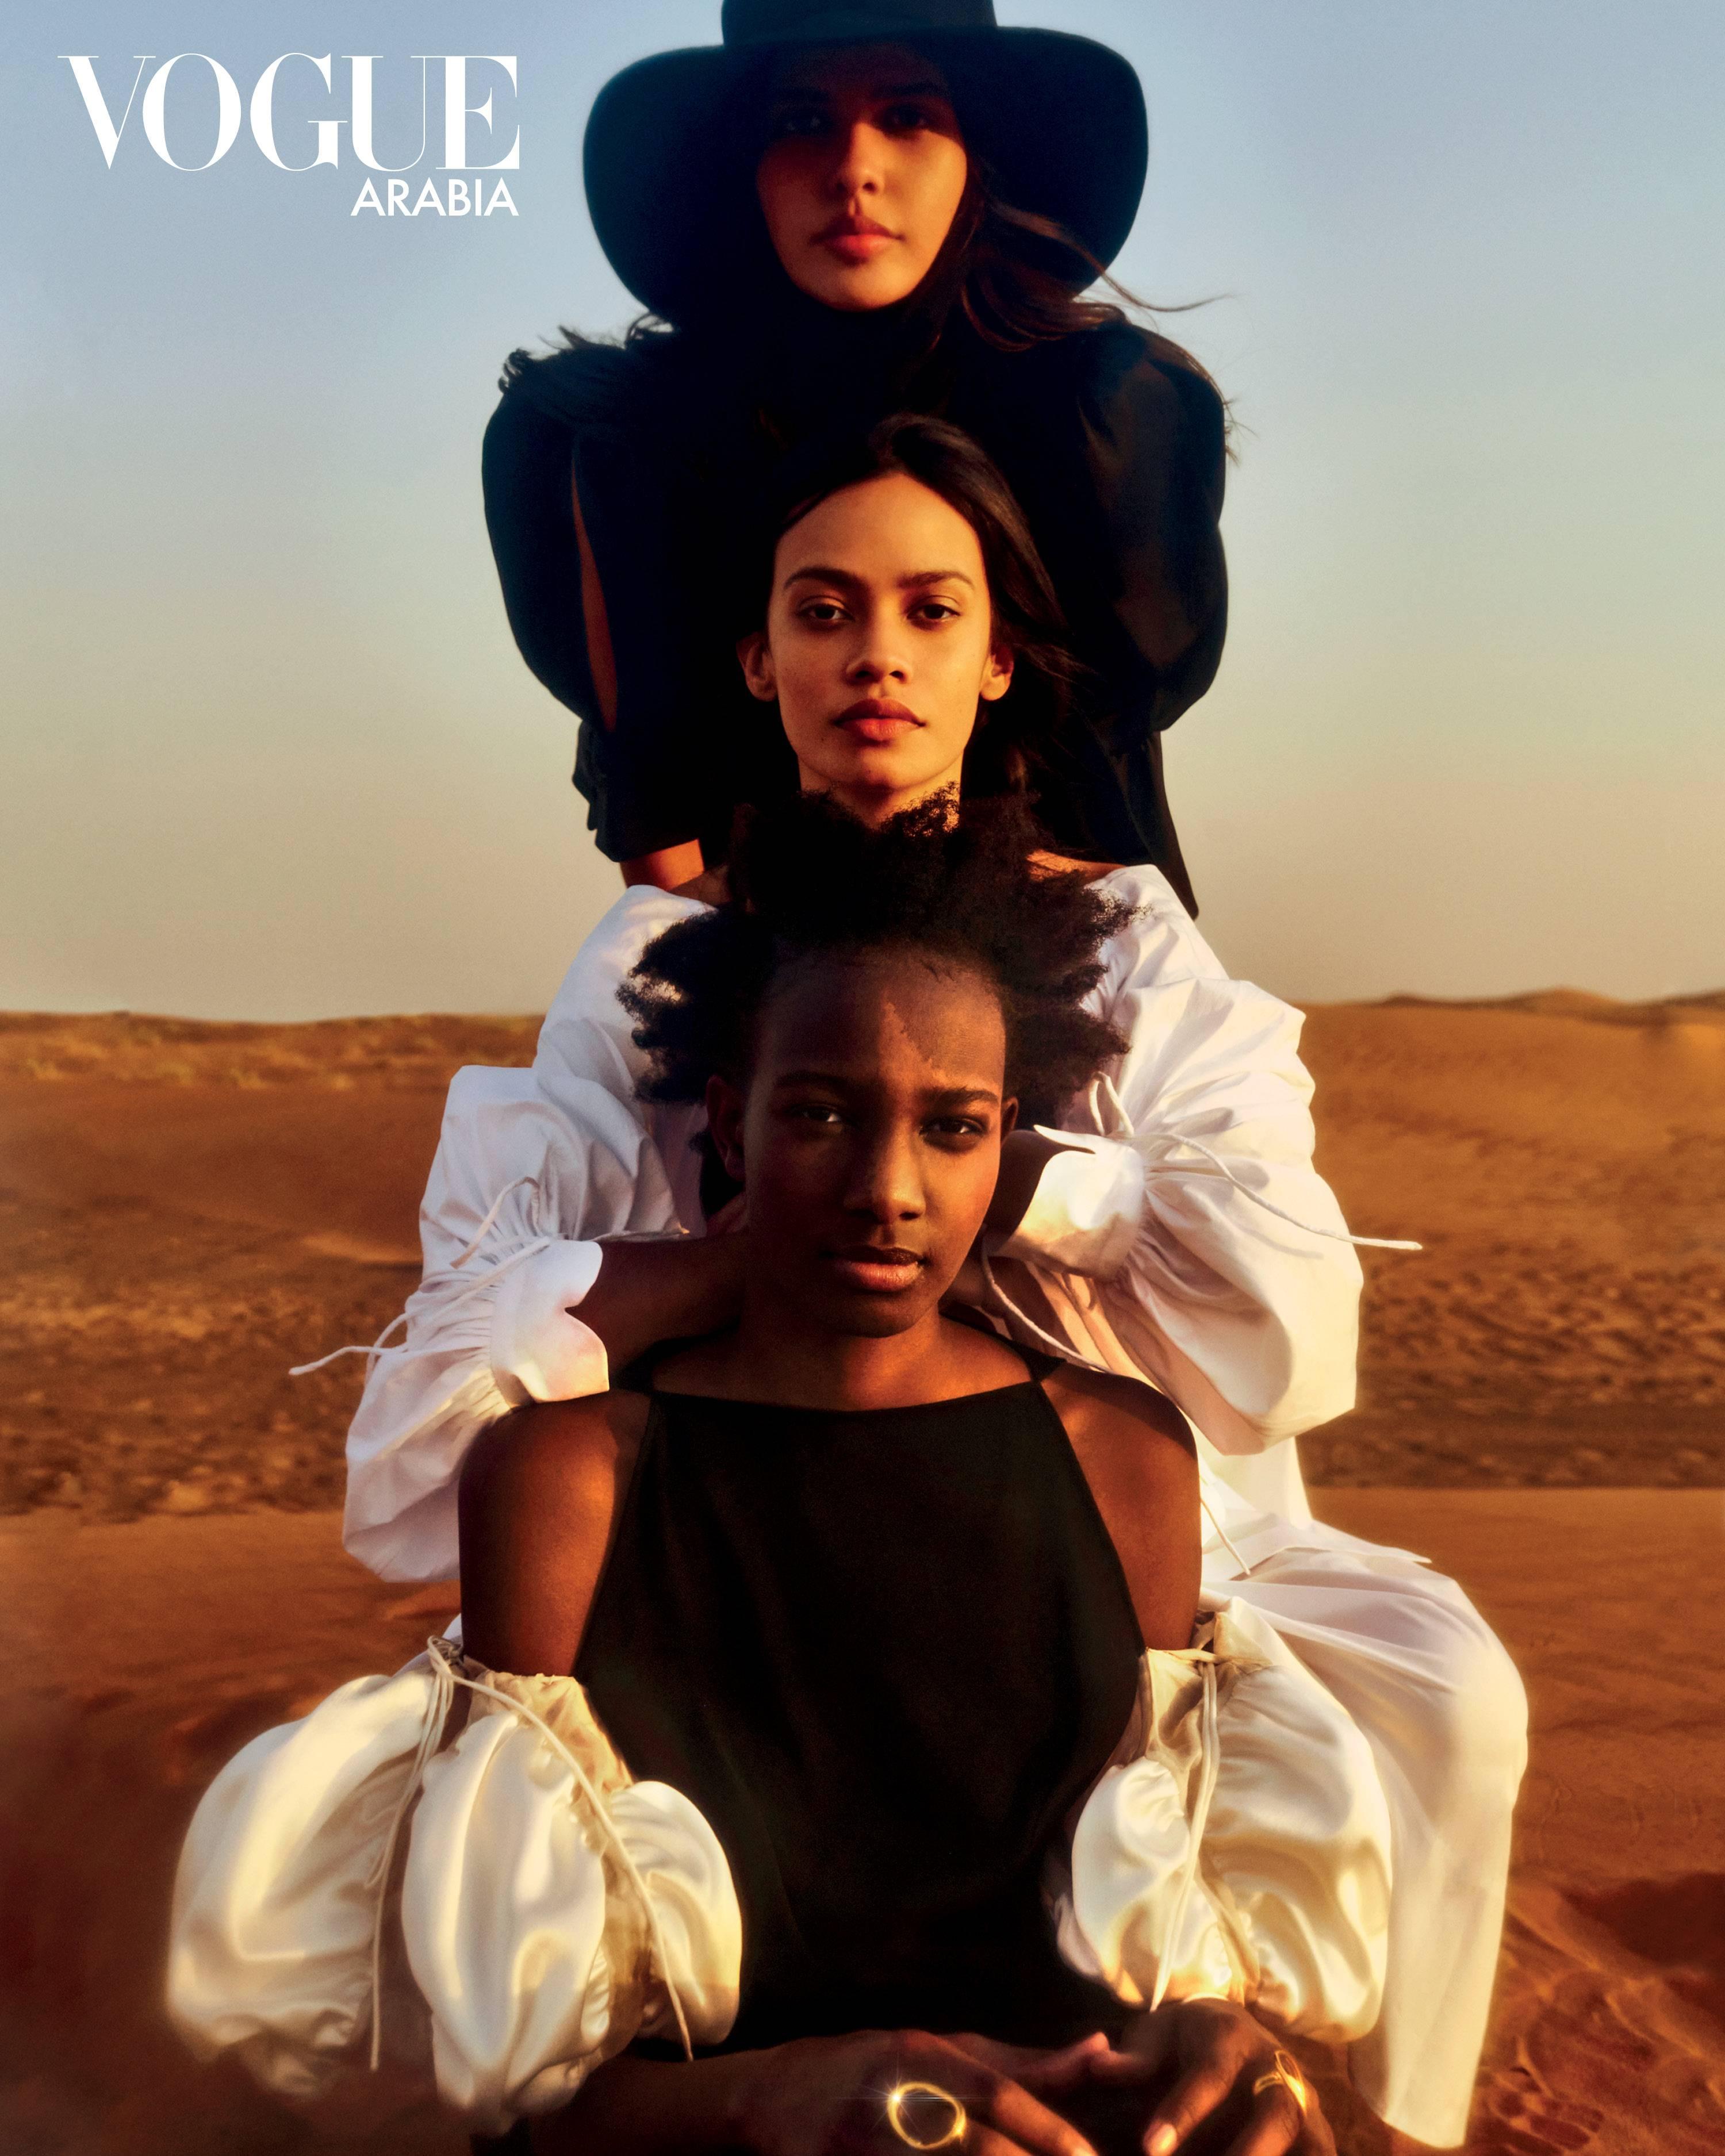 SARA RIAK FOR VOGUE ARABIA